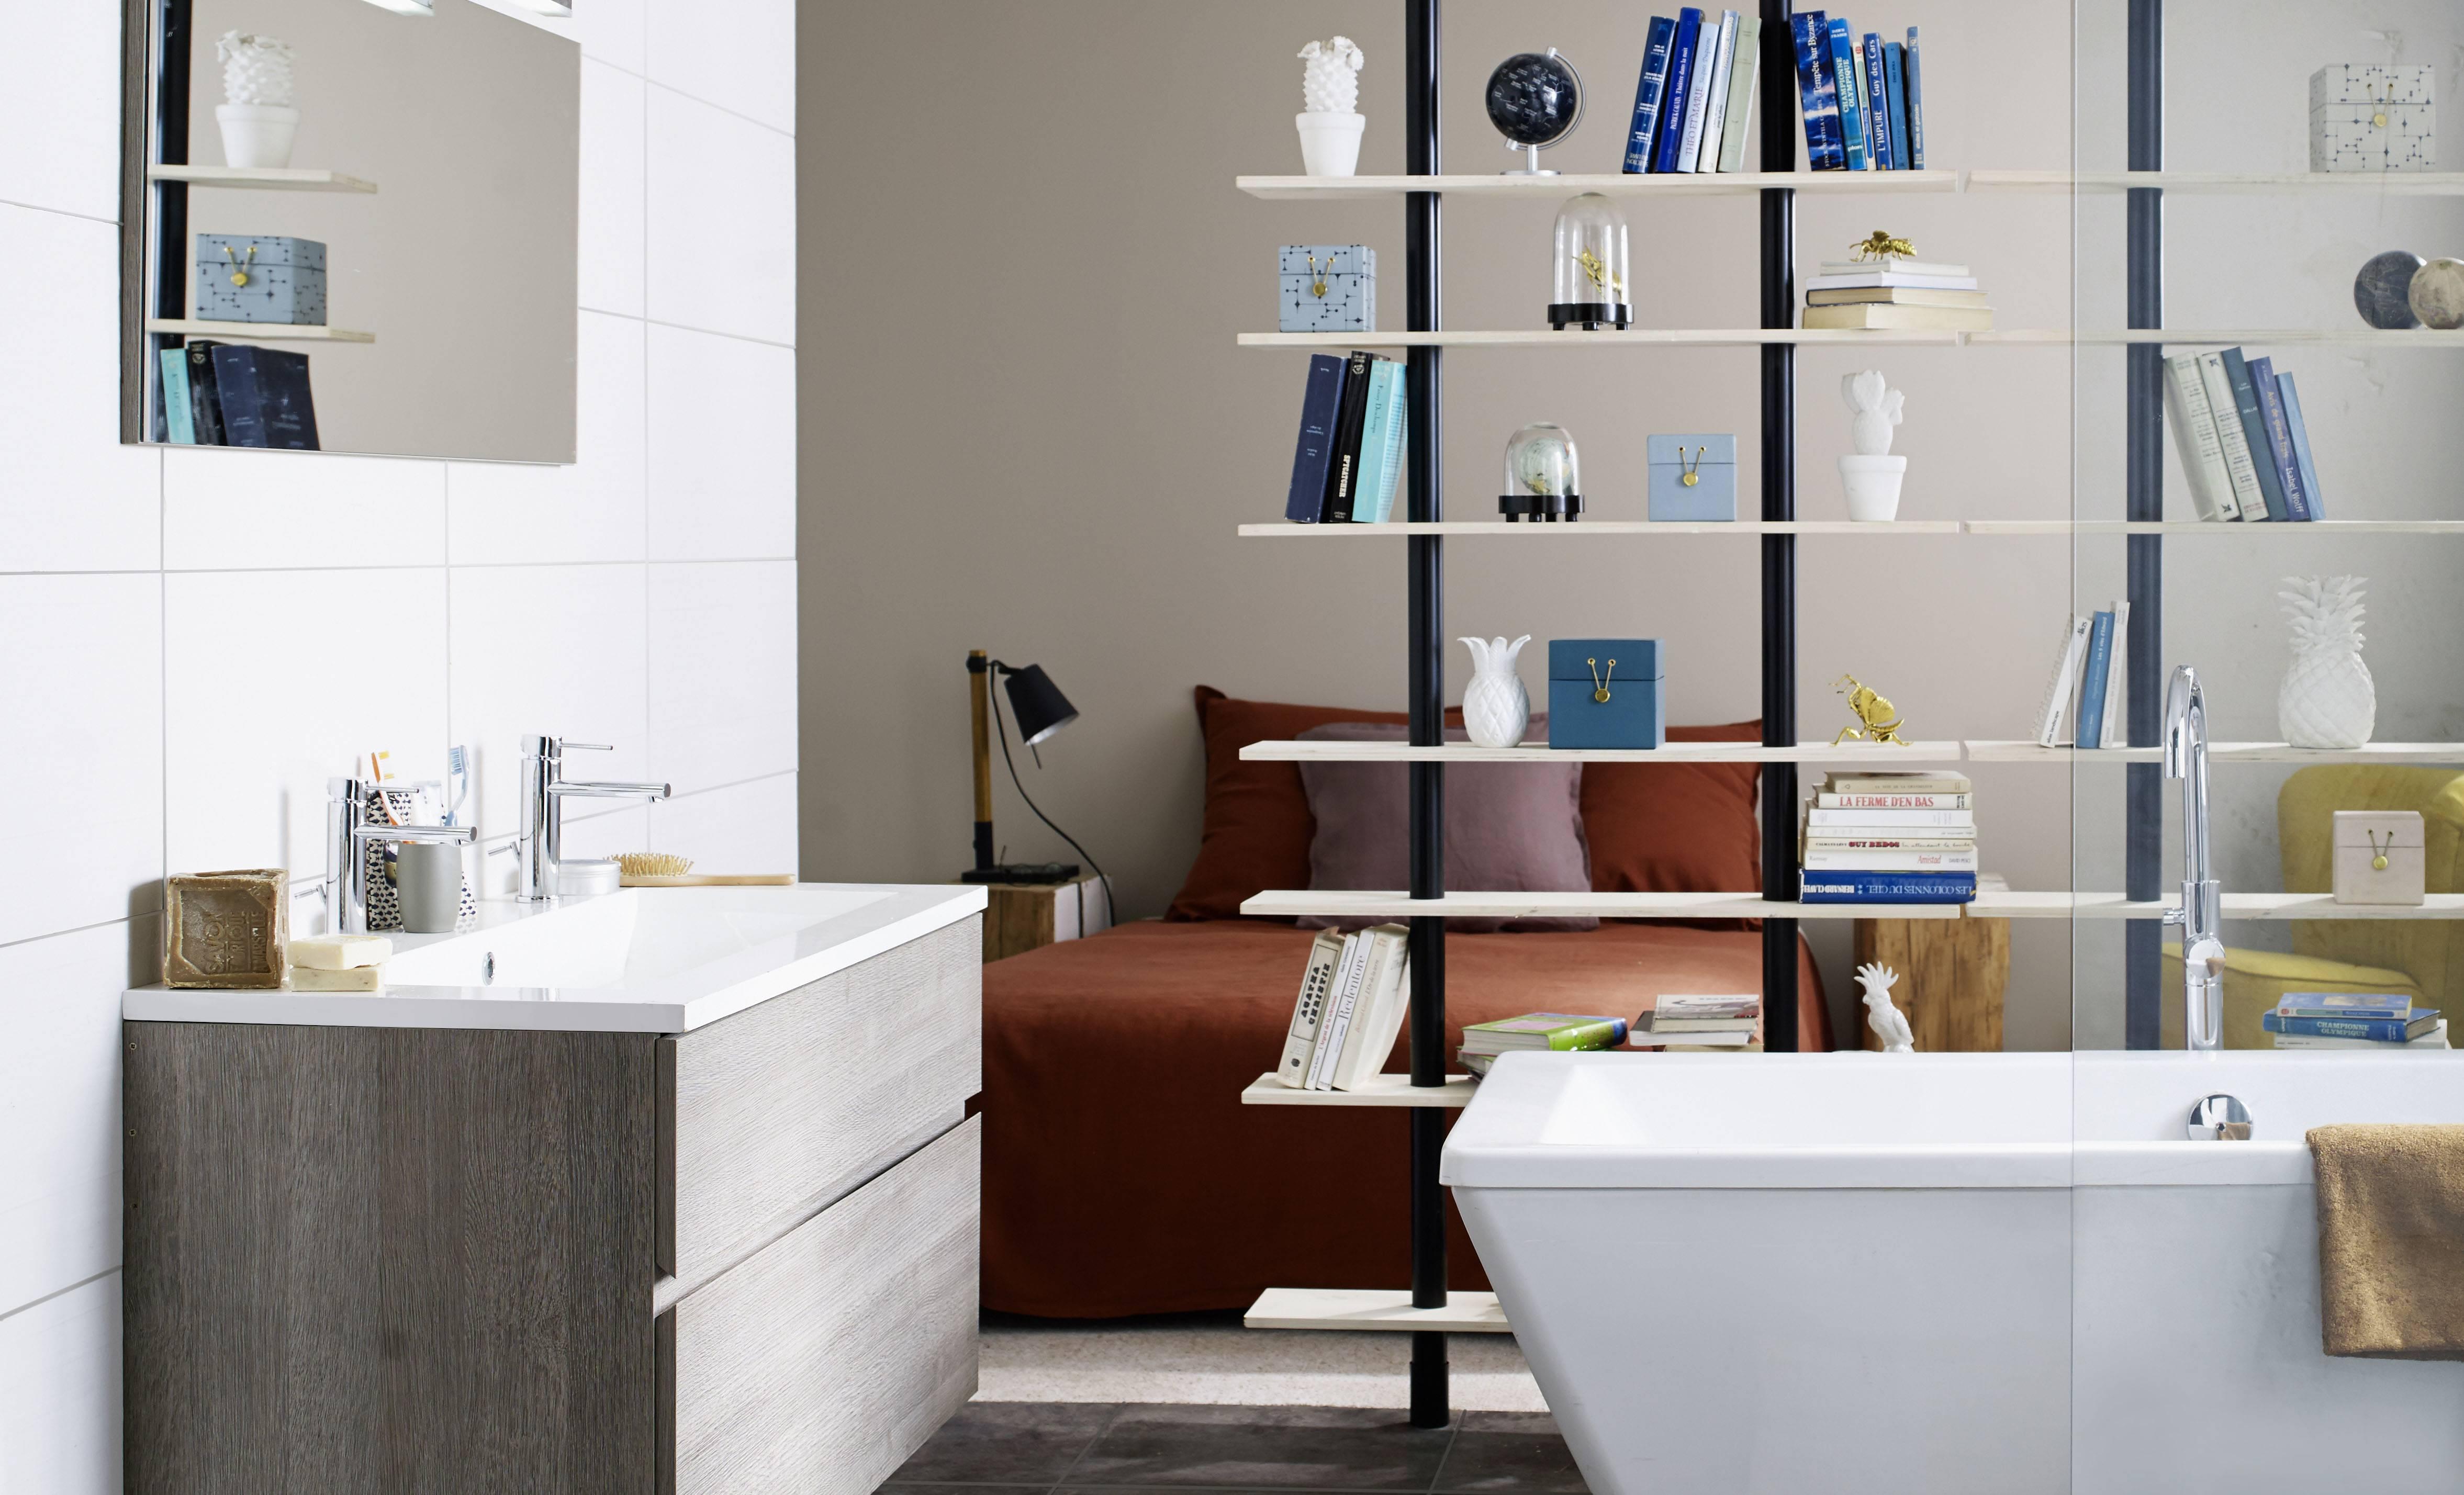 Cloison Amovible Pour Salle De Bain cloisonner pour optimiser votre maison - 18h39